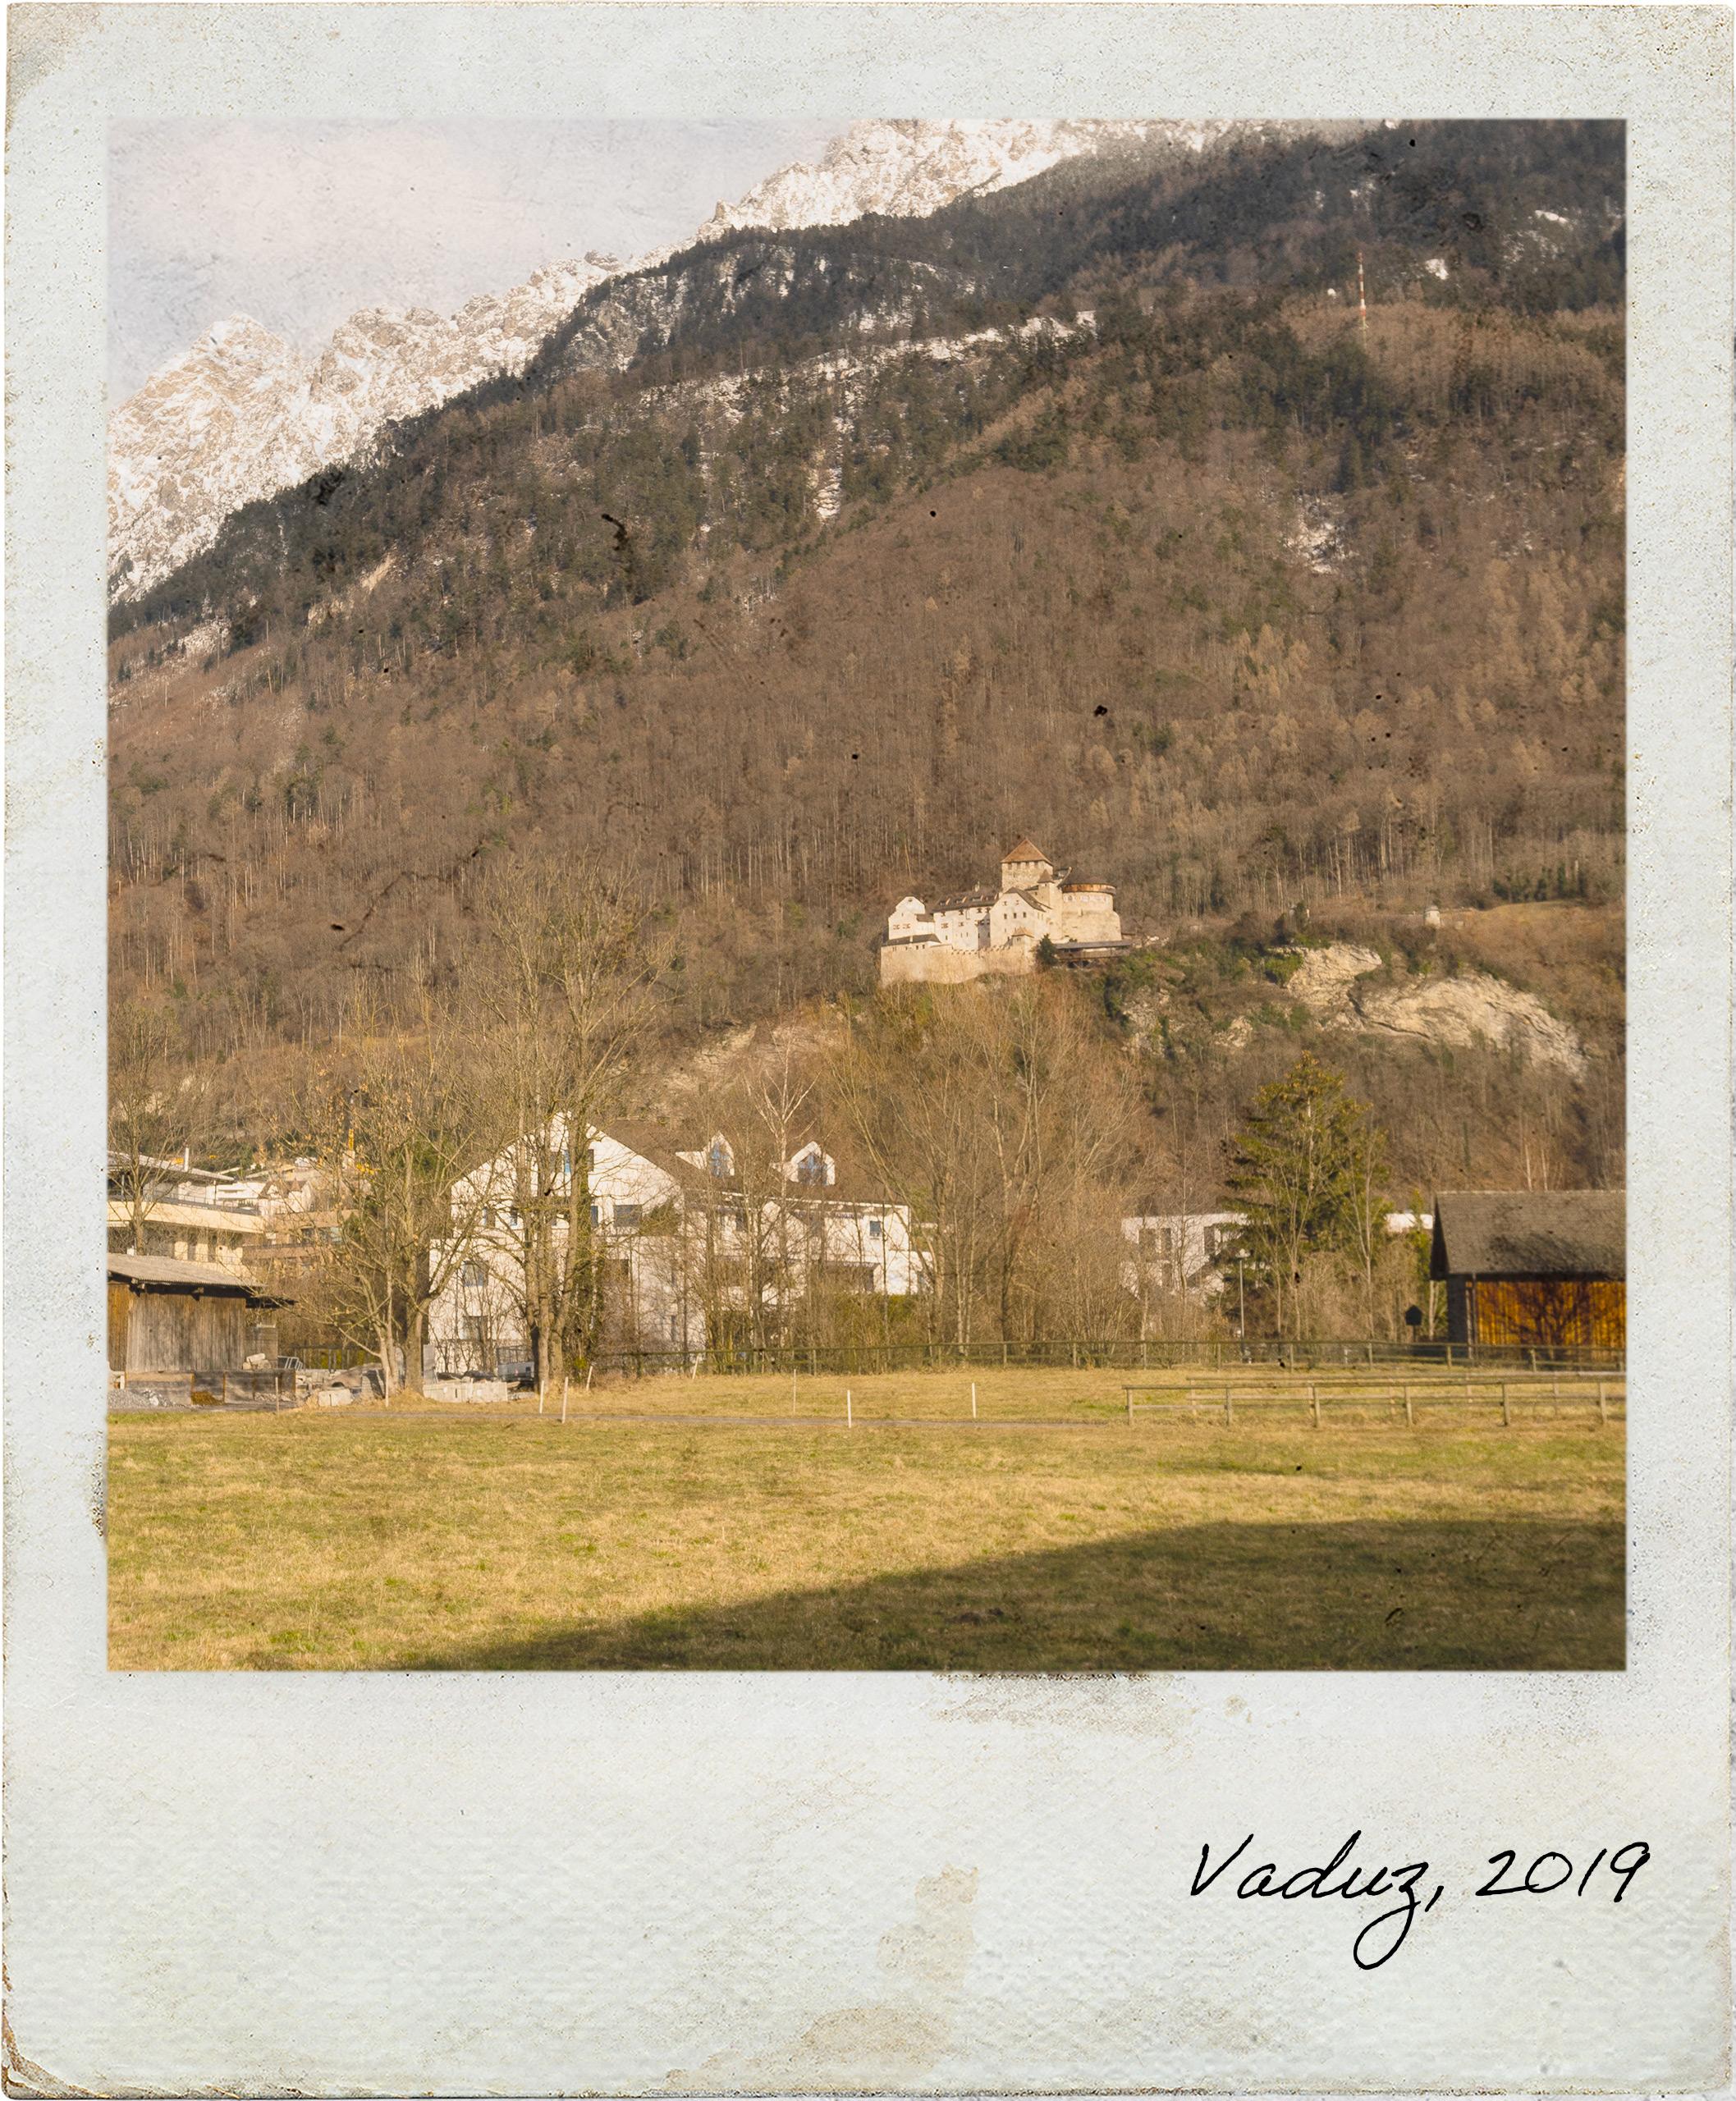 Vista para o Castelo de Vaduz